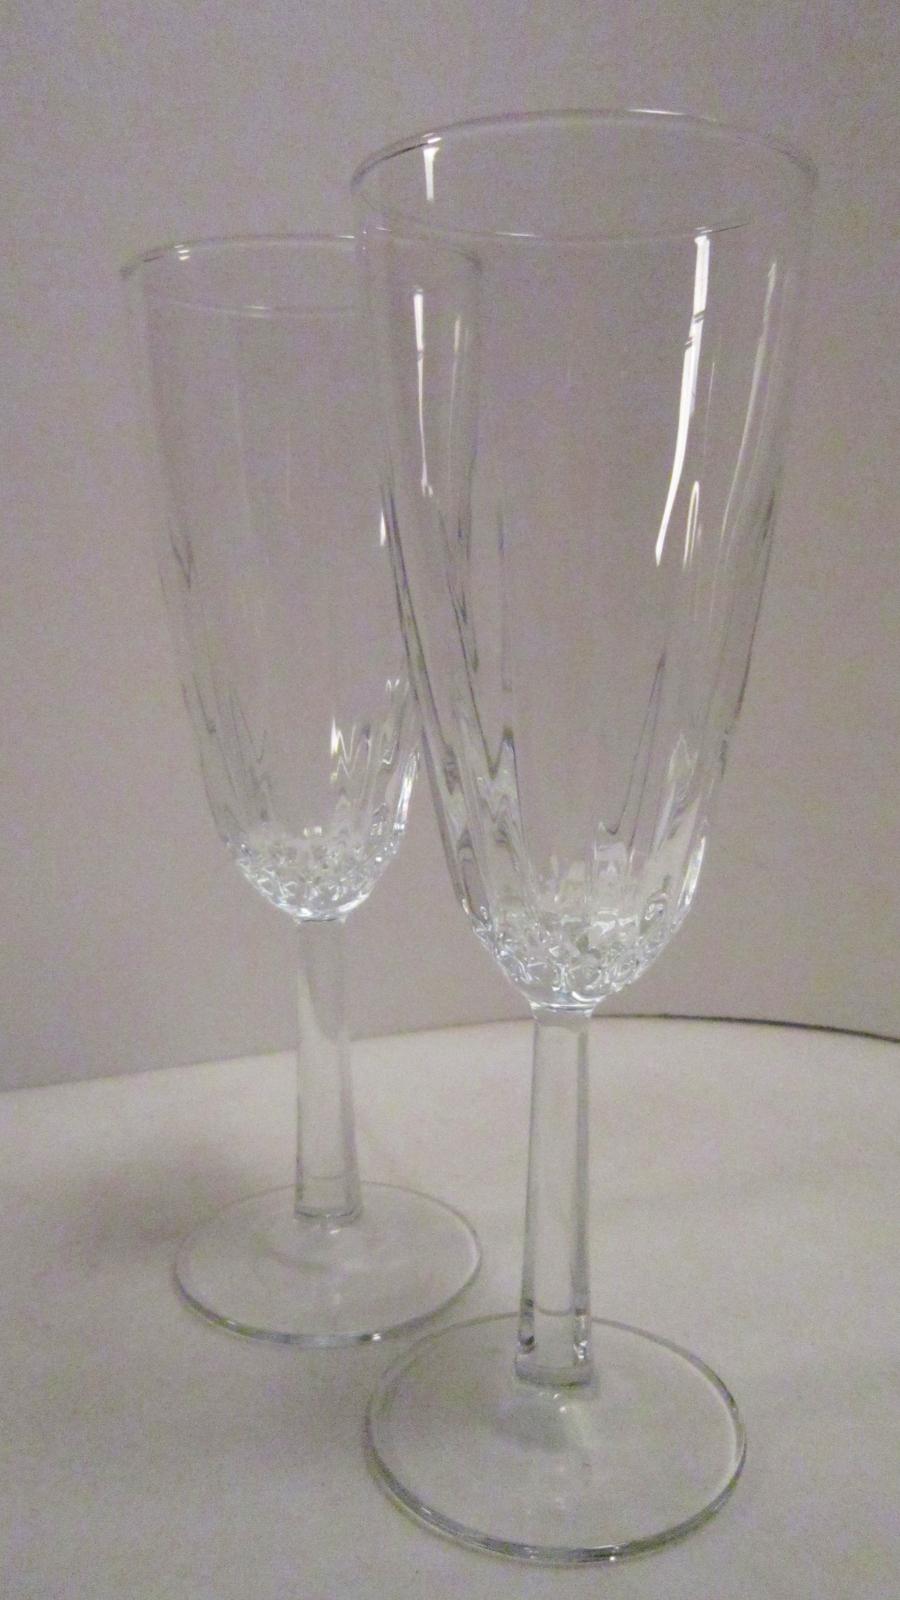 Cristal Champagne Flutes Cristal d 39 Arques Champagne